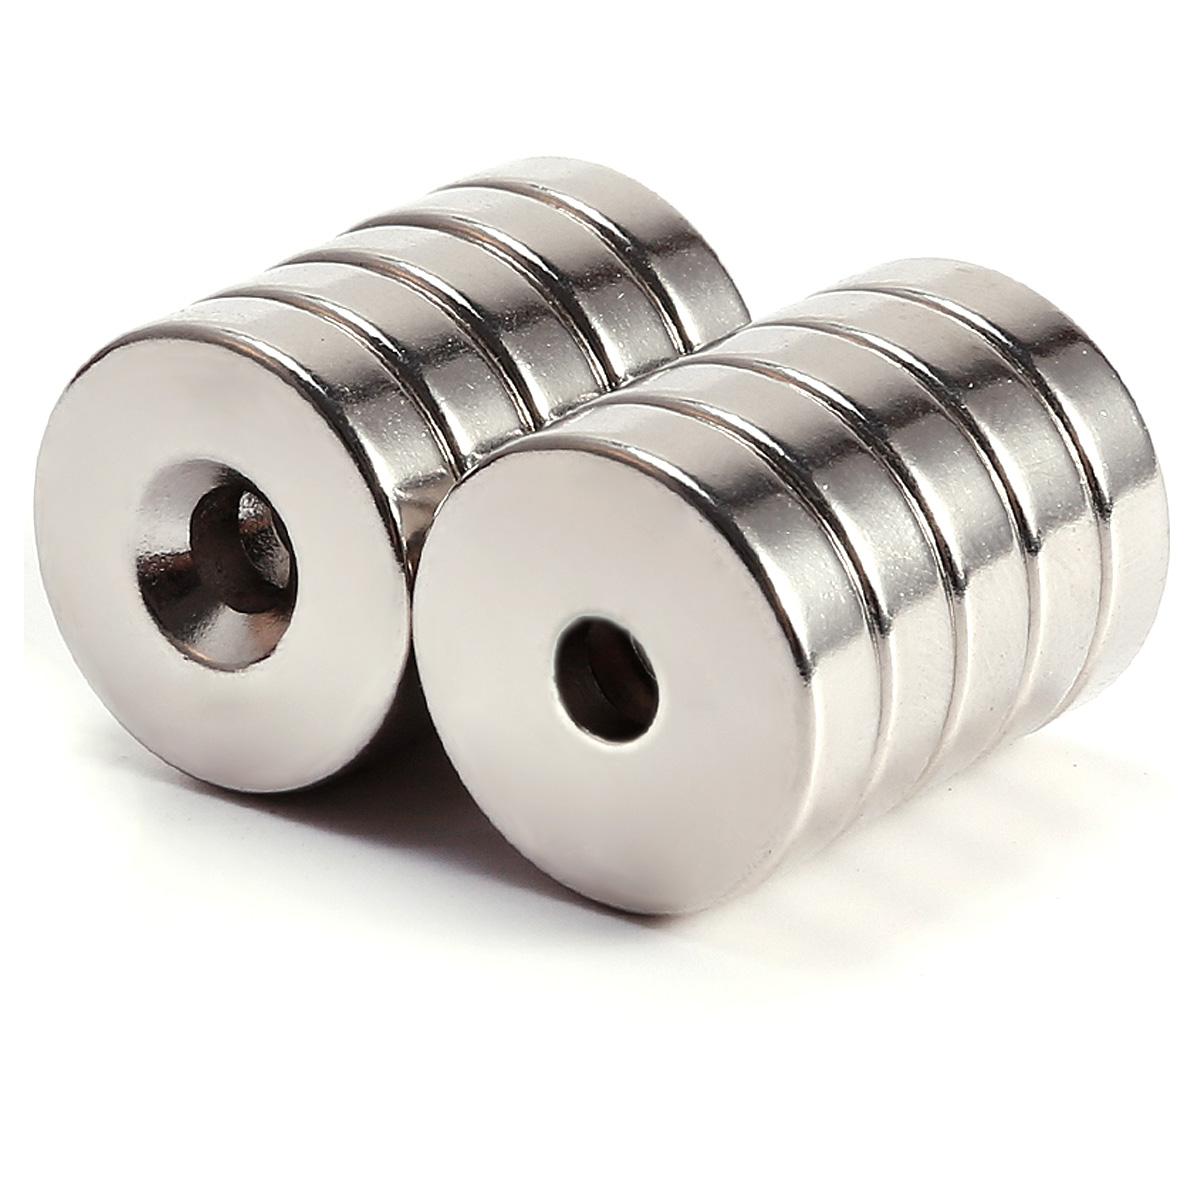 10tlg 20mm n50 neodym runde scheibe mit loch magnete pinnwand k hlschrank ebay. Black Bedroom Furniture Sets. Home Design Ideas